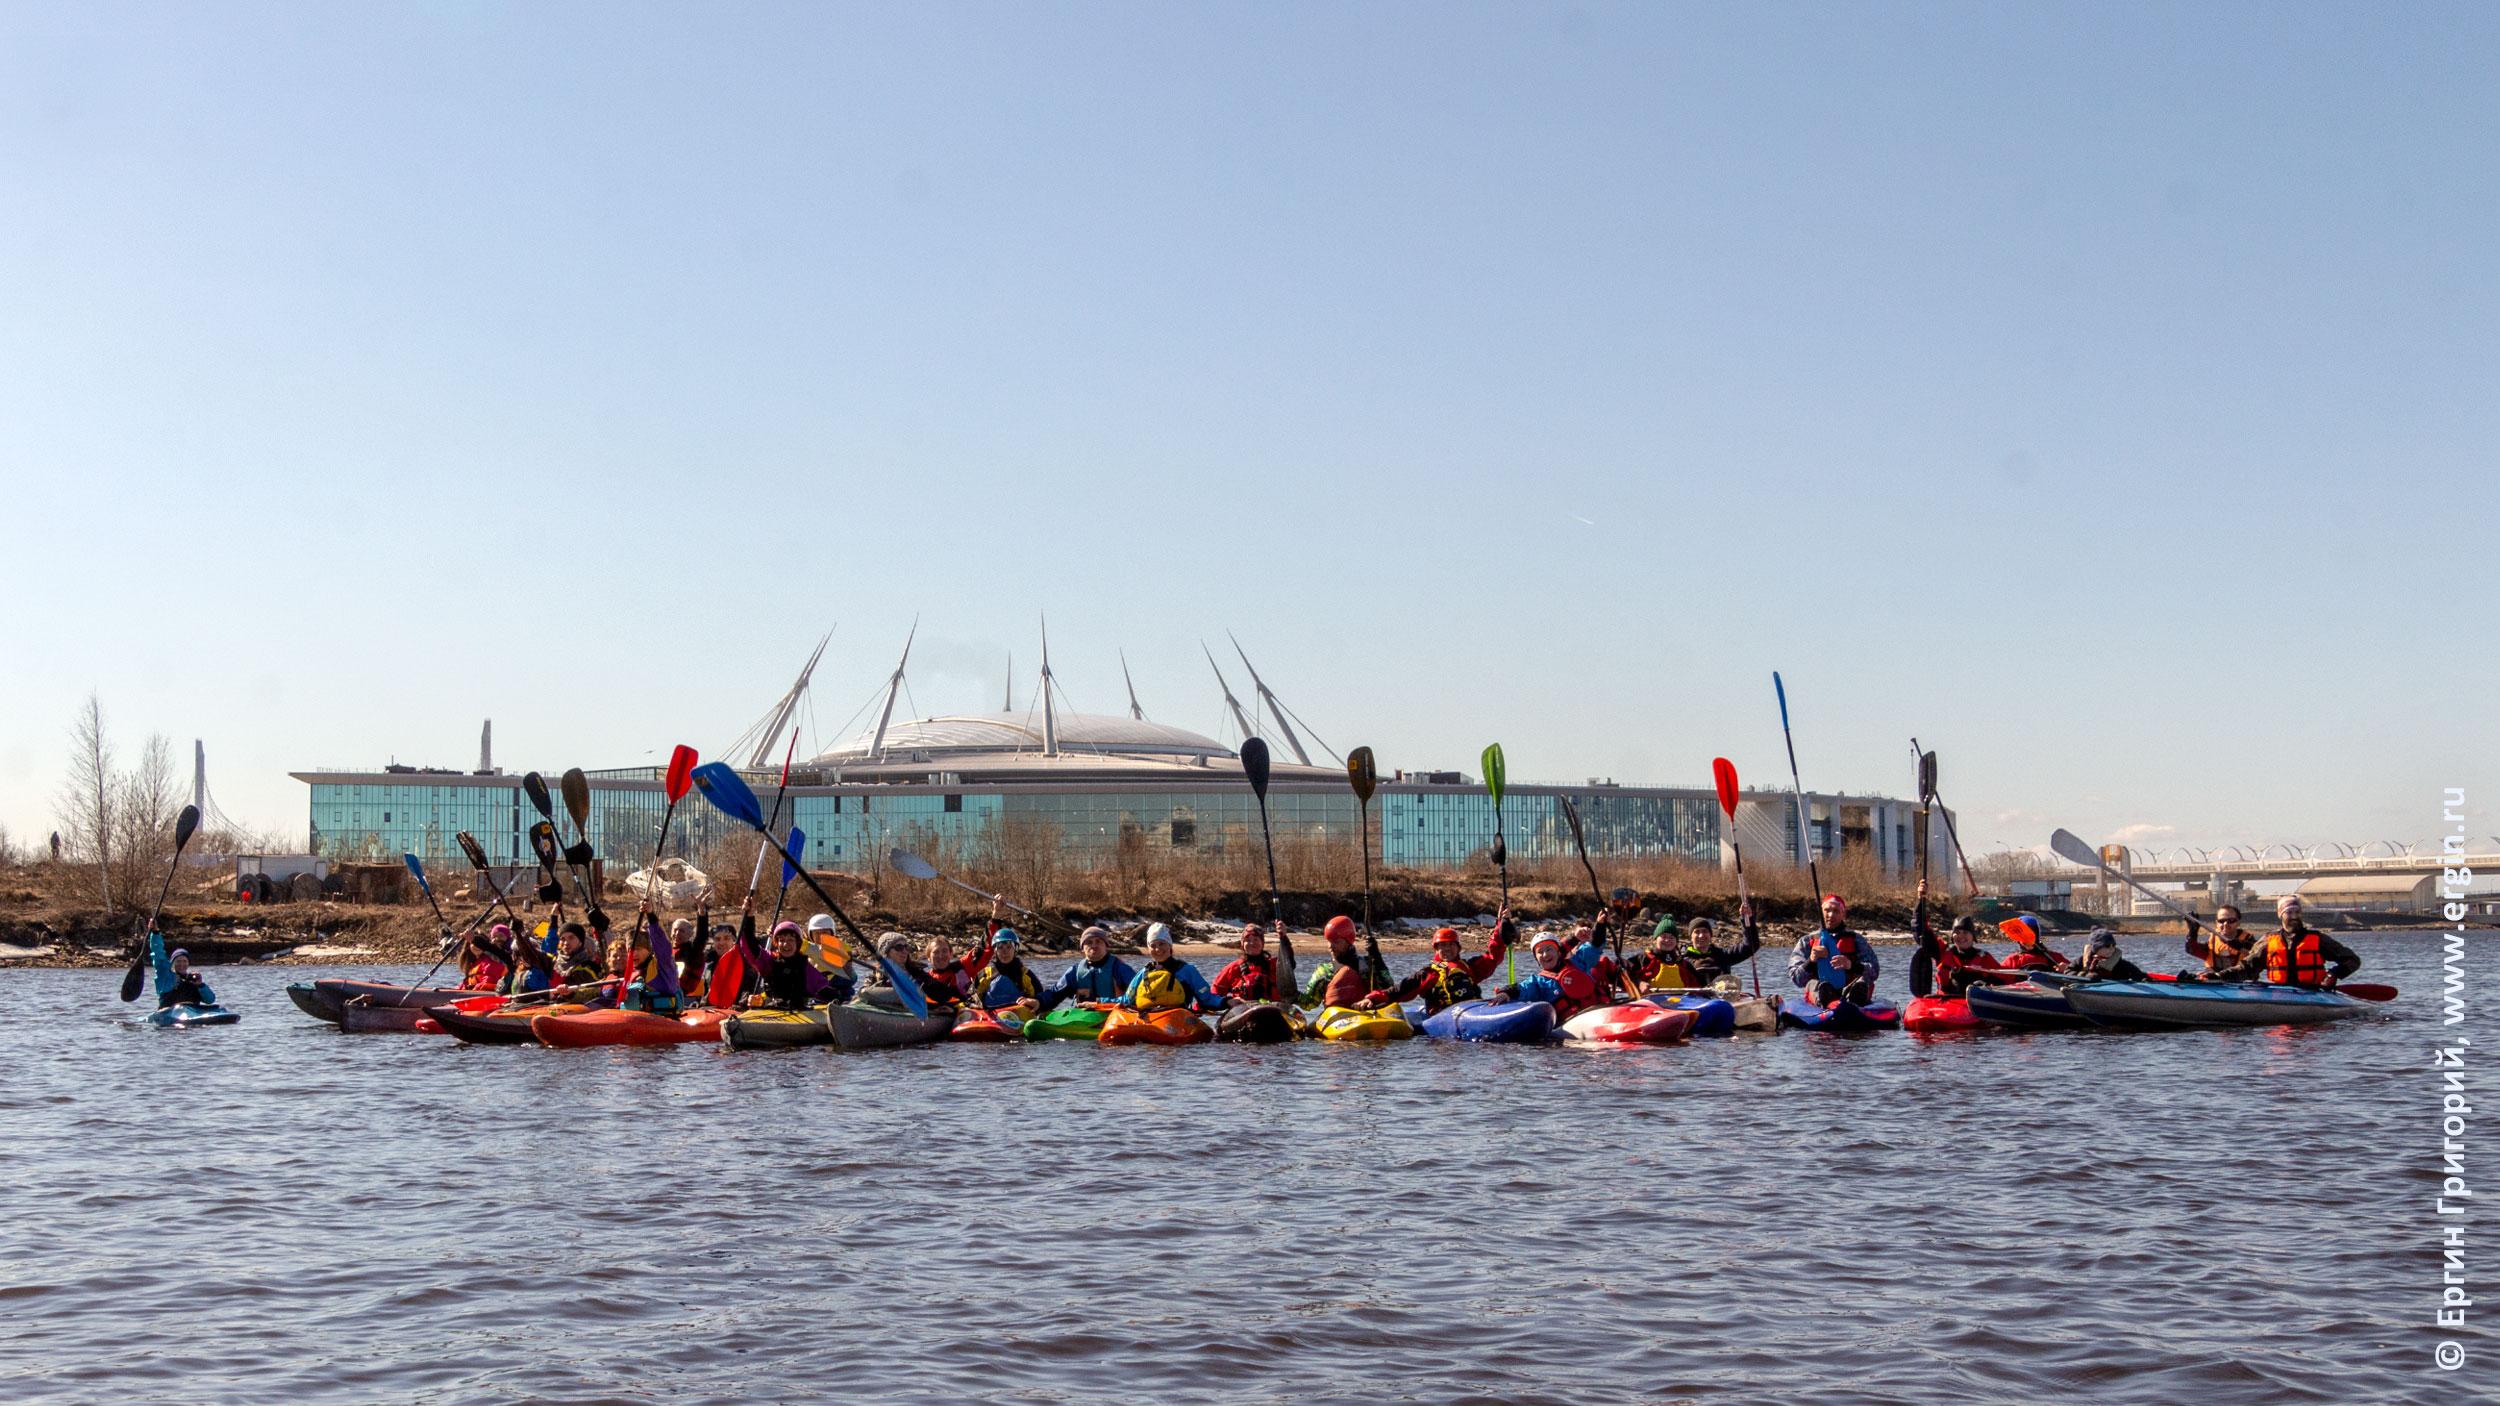 Каякеры с веслами возле стадиона Санкт-Петербург Газпром-арена Зенит-арена на Неве